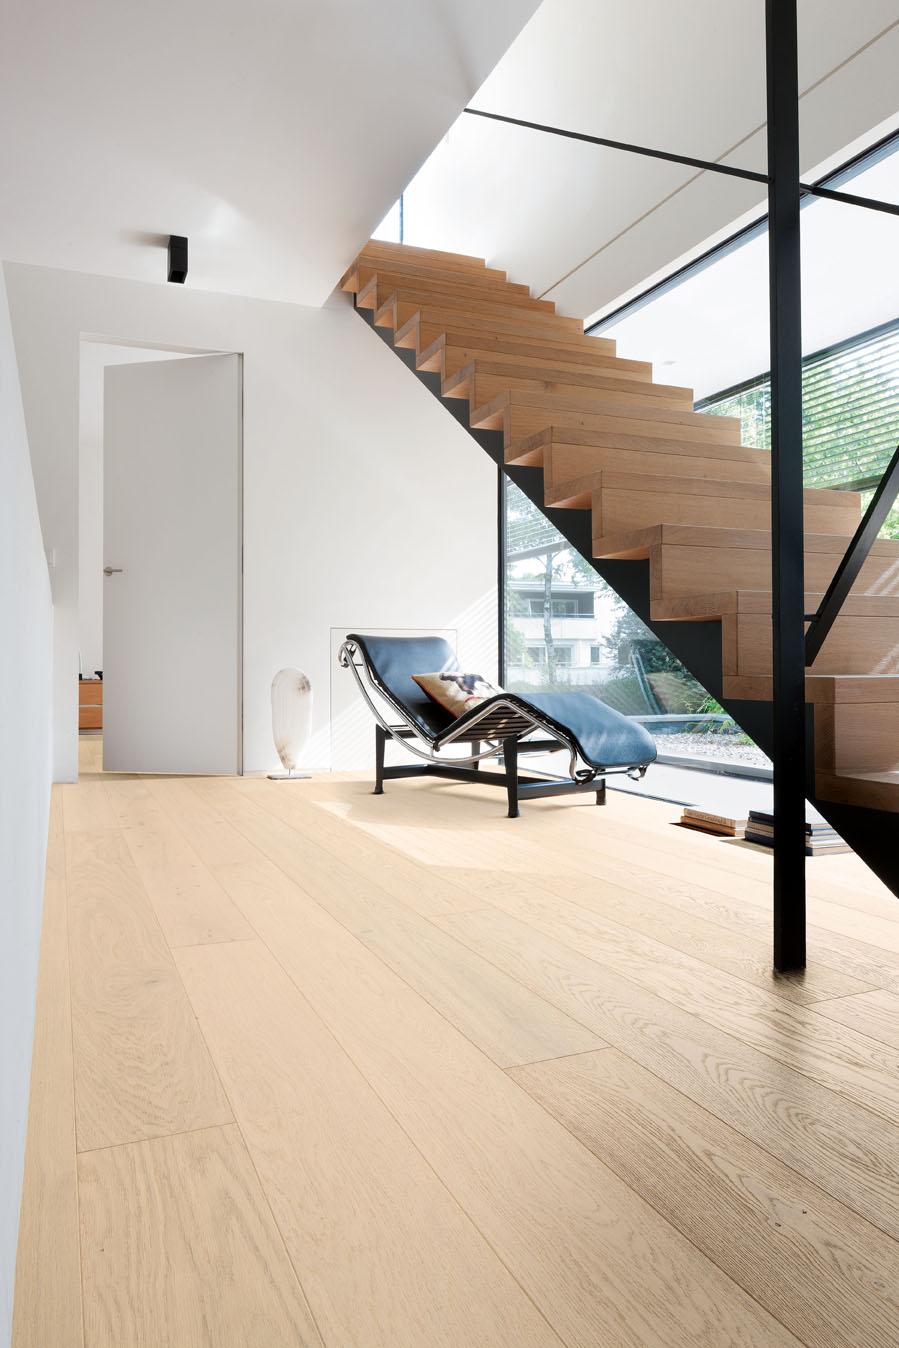 533028 haro parkett landhausdiele 4000 eiche puro snow. Black Bedroom Furniture Sets. Home Design Ideas